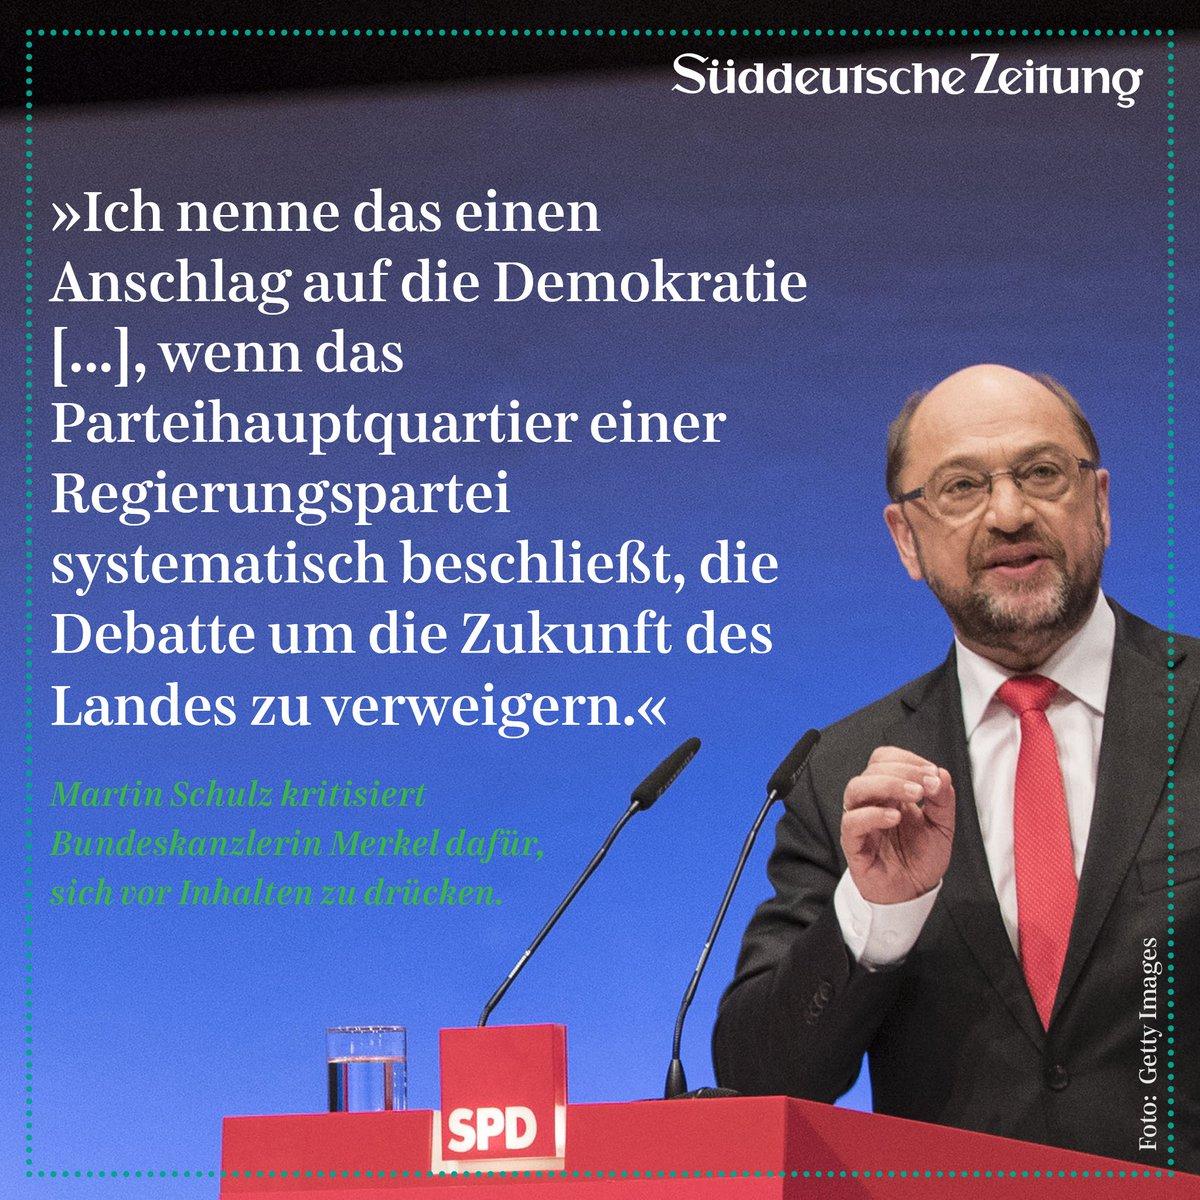 Martin Schulz kritisiert Bundeskanzlerin Merkel dafür, sich vor Inhalten zu drücken. #SPDbpt17